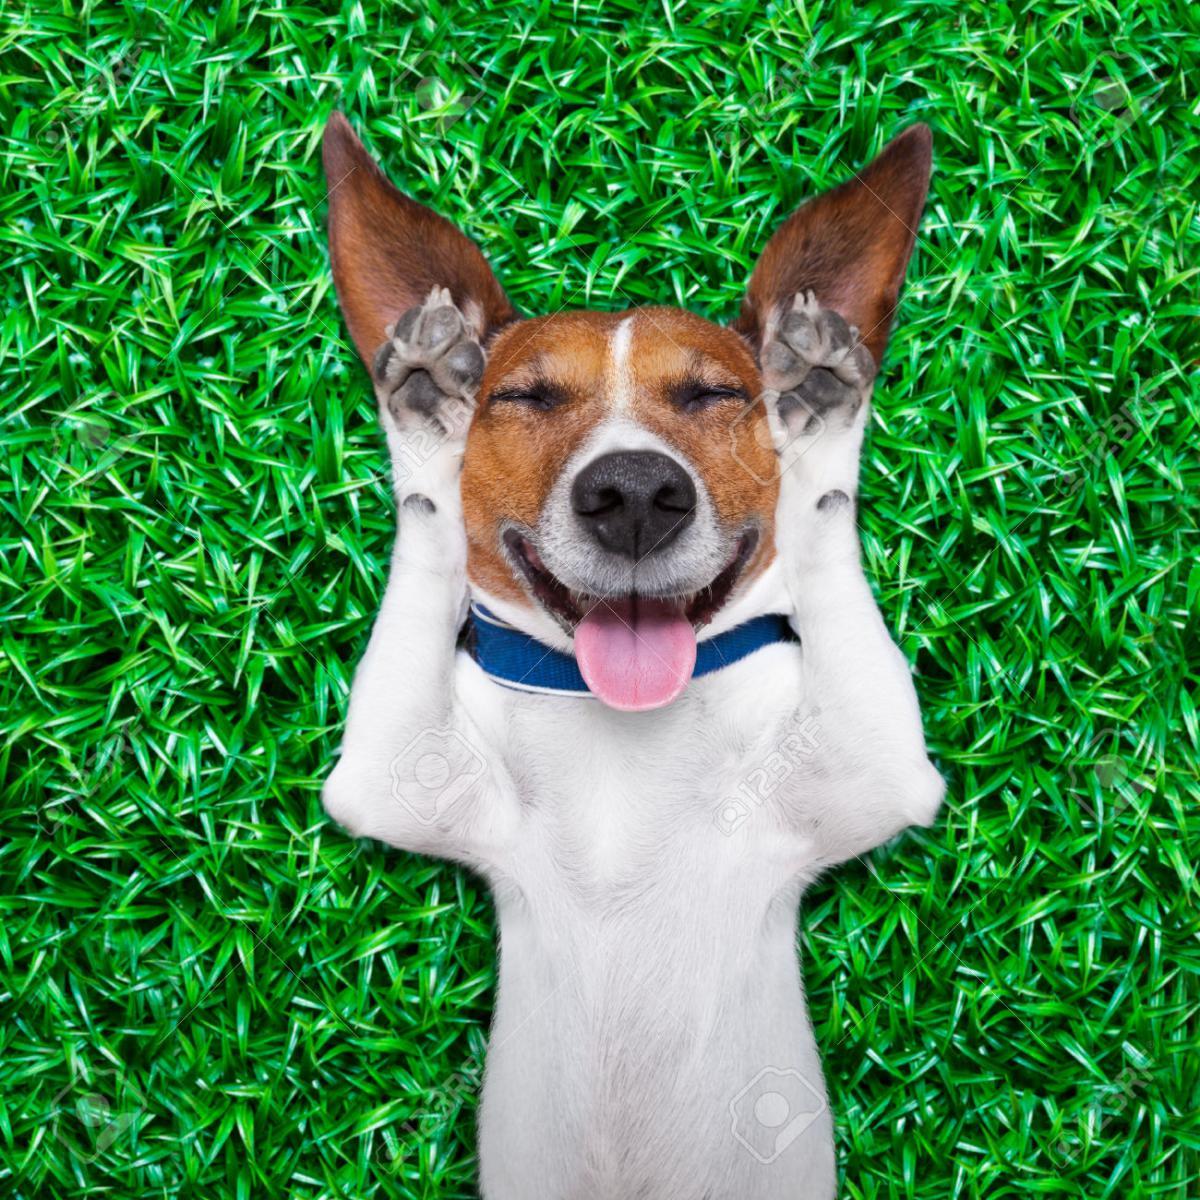 Nombre:  30507562-perro-tumbado-en-la-hierba-con-la-expresi-n-tonta-tonta-loca-en-el-rostro-pegado-a-la-l.jpg Visitas: 257 Tamaño: 302.1 KB